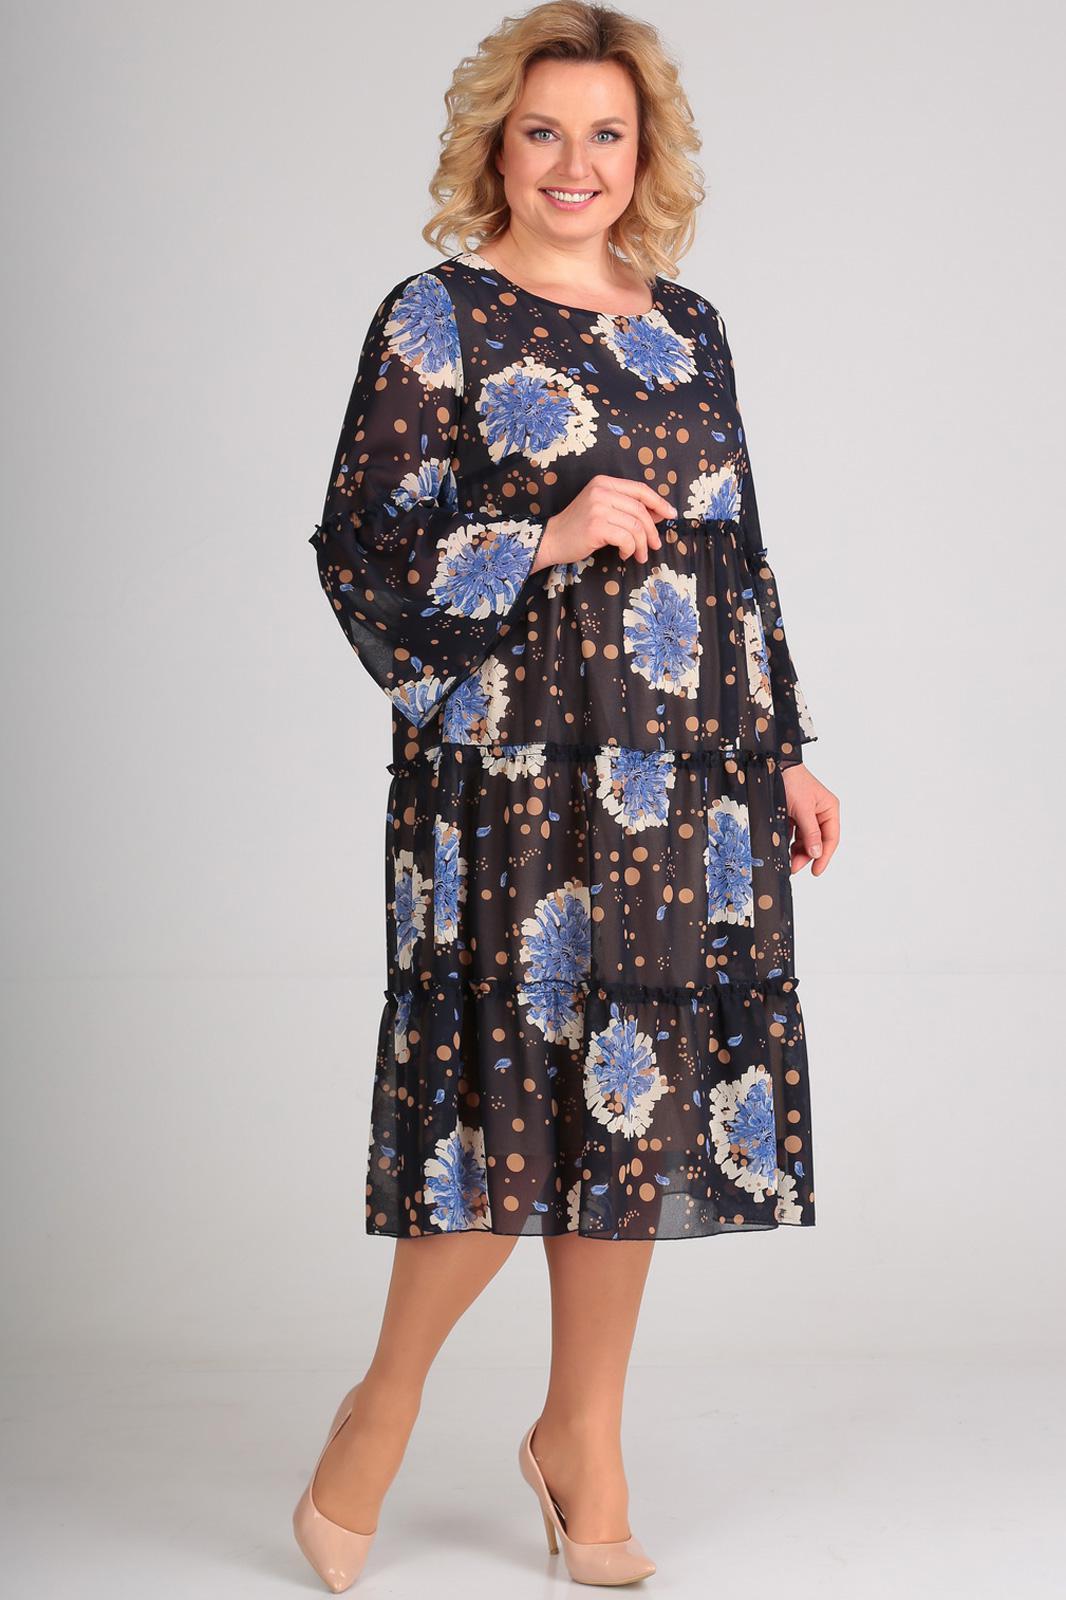 d887065fc7f72 Модная женская одежда оптом и в розницу из Беларуси | Интернет ...